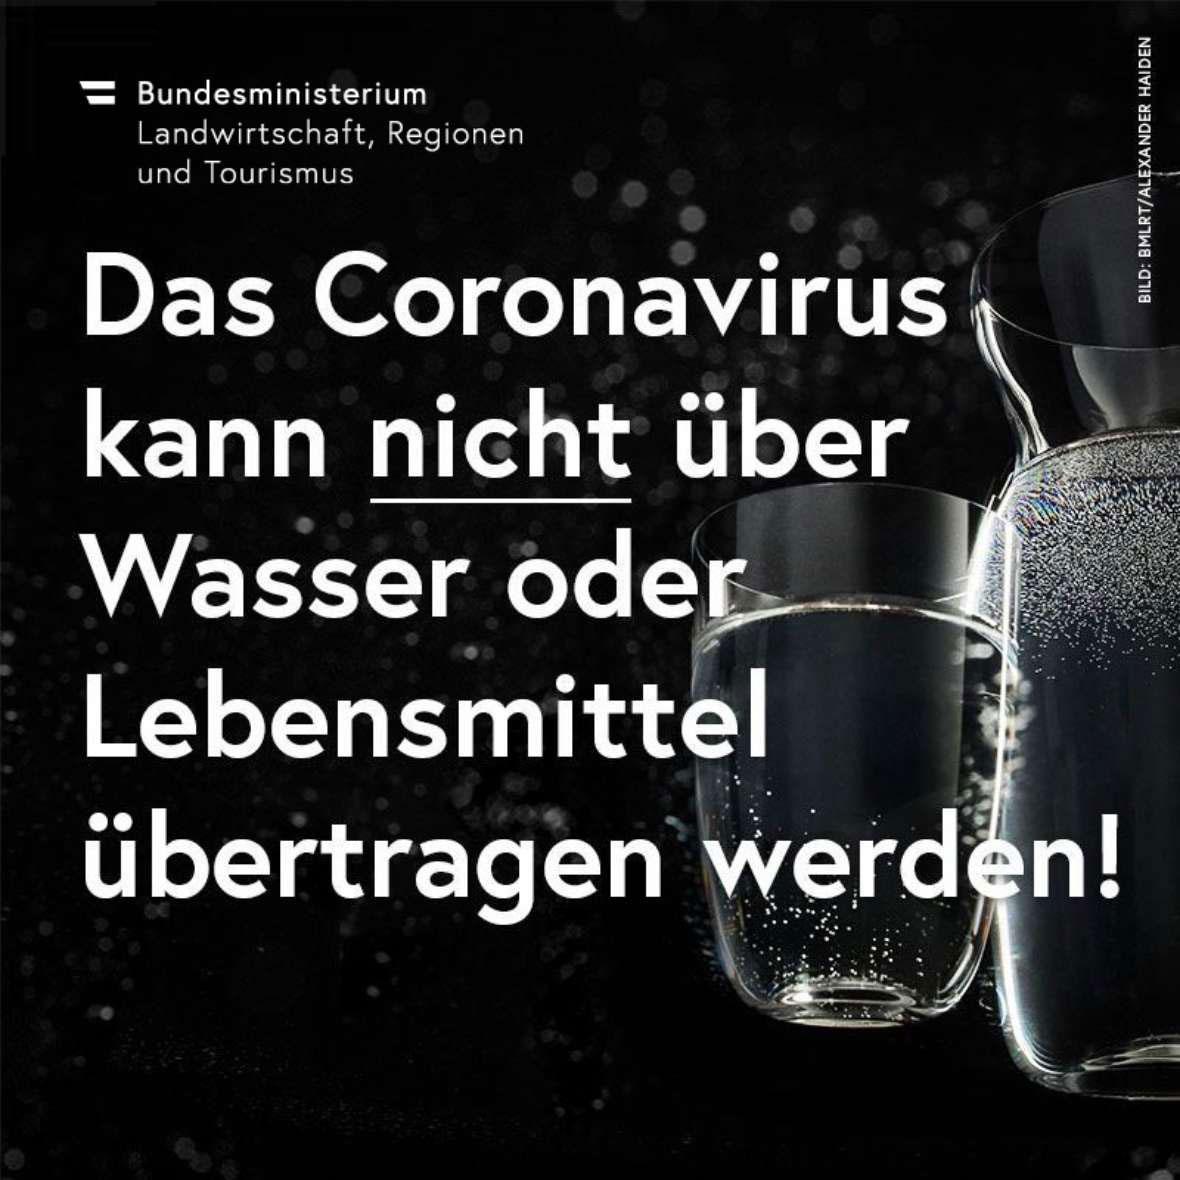 Grafik vom Ministerium mit der Botschaft, dass es keine Übertragung des Coronavirus über Wasser oder Lebensmittel gibt.